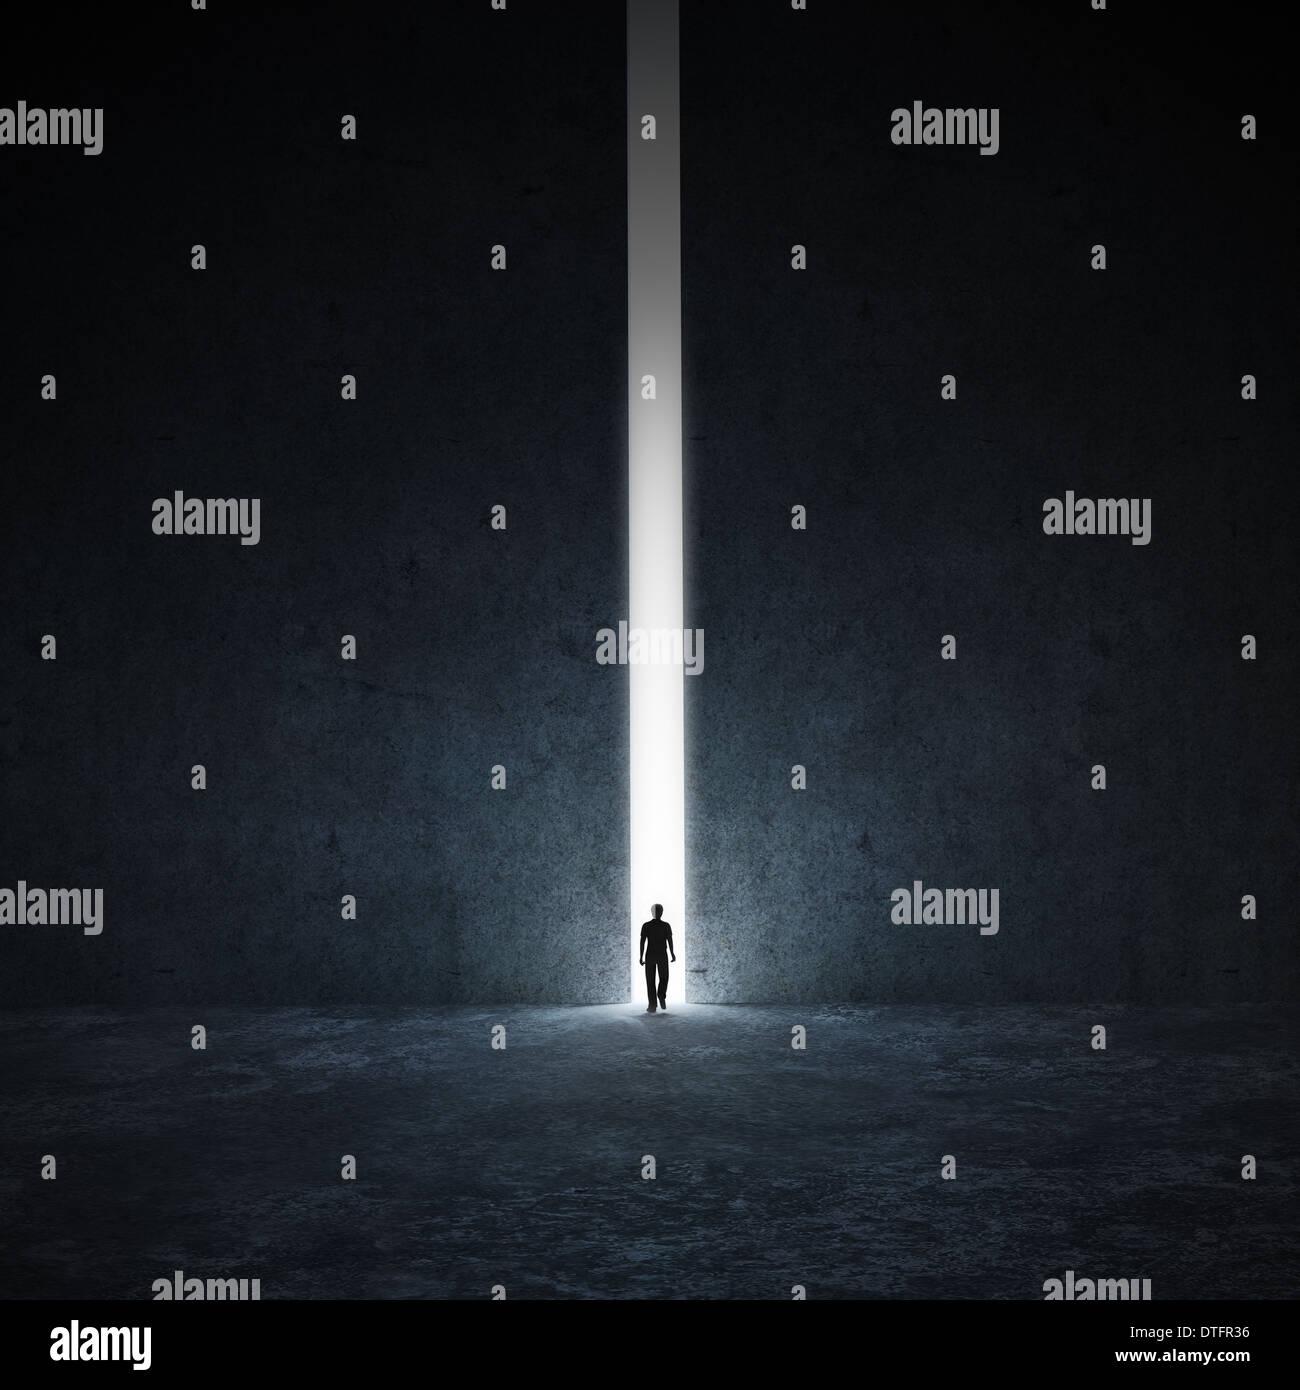 Une personne seule marche à travers un passage étroit Photo Stock